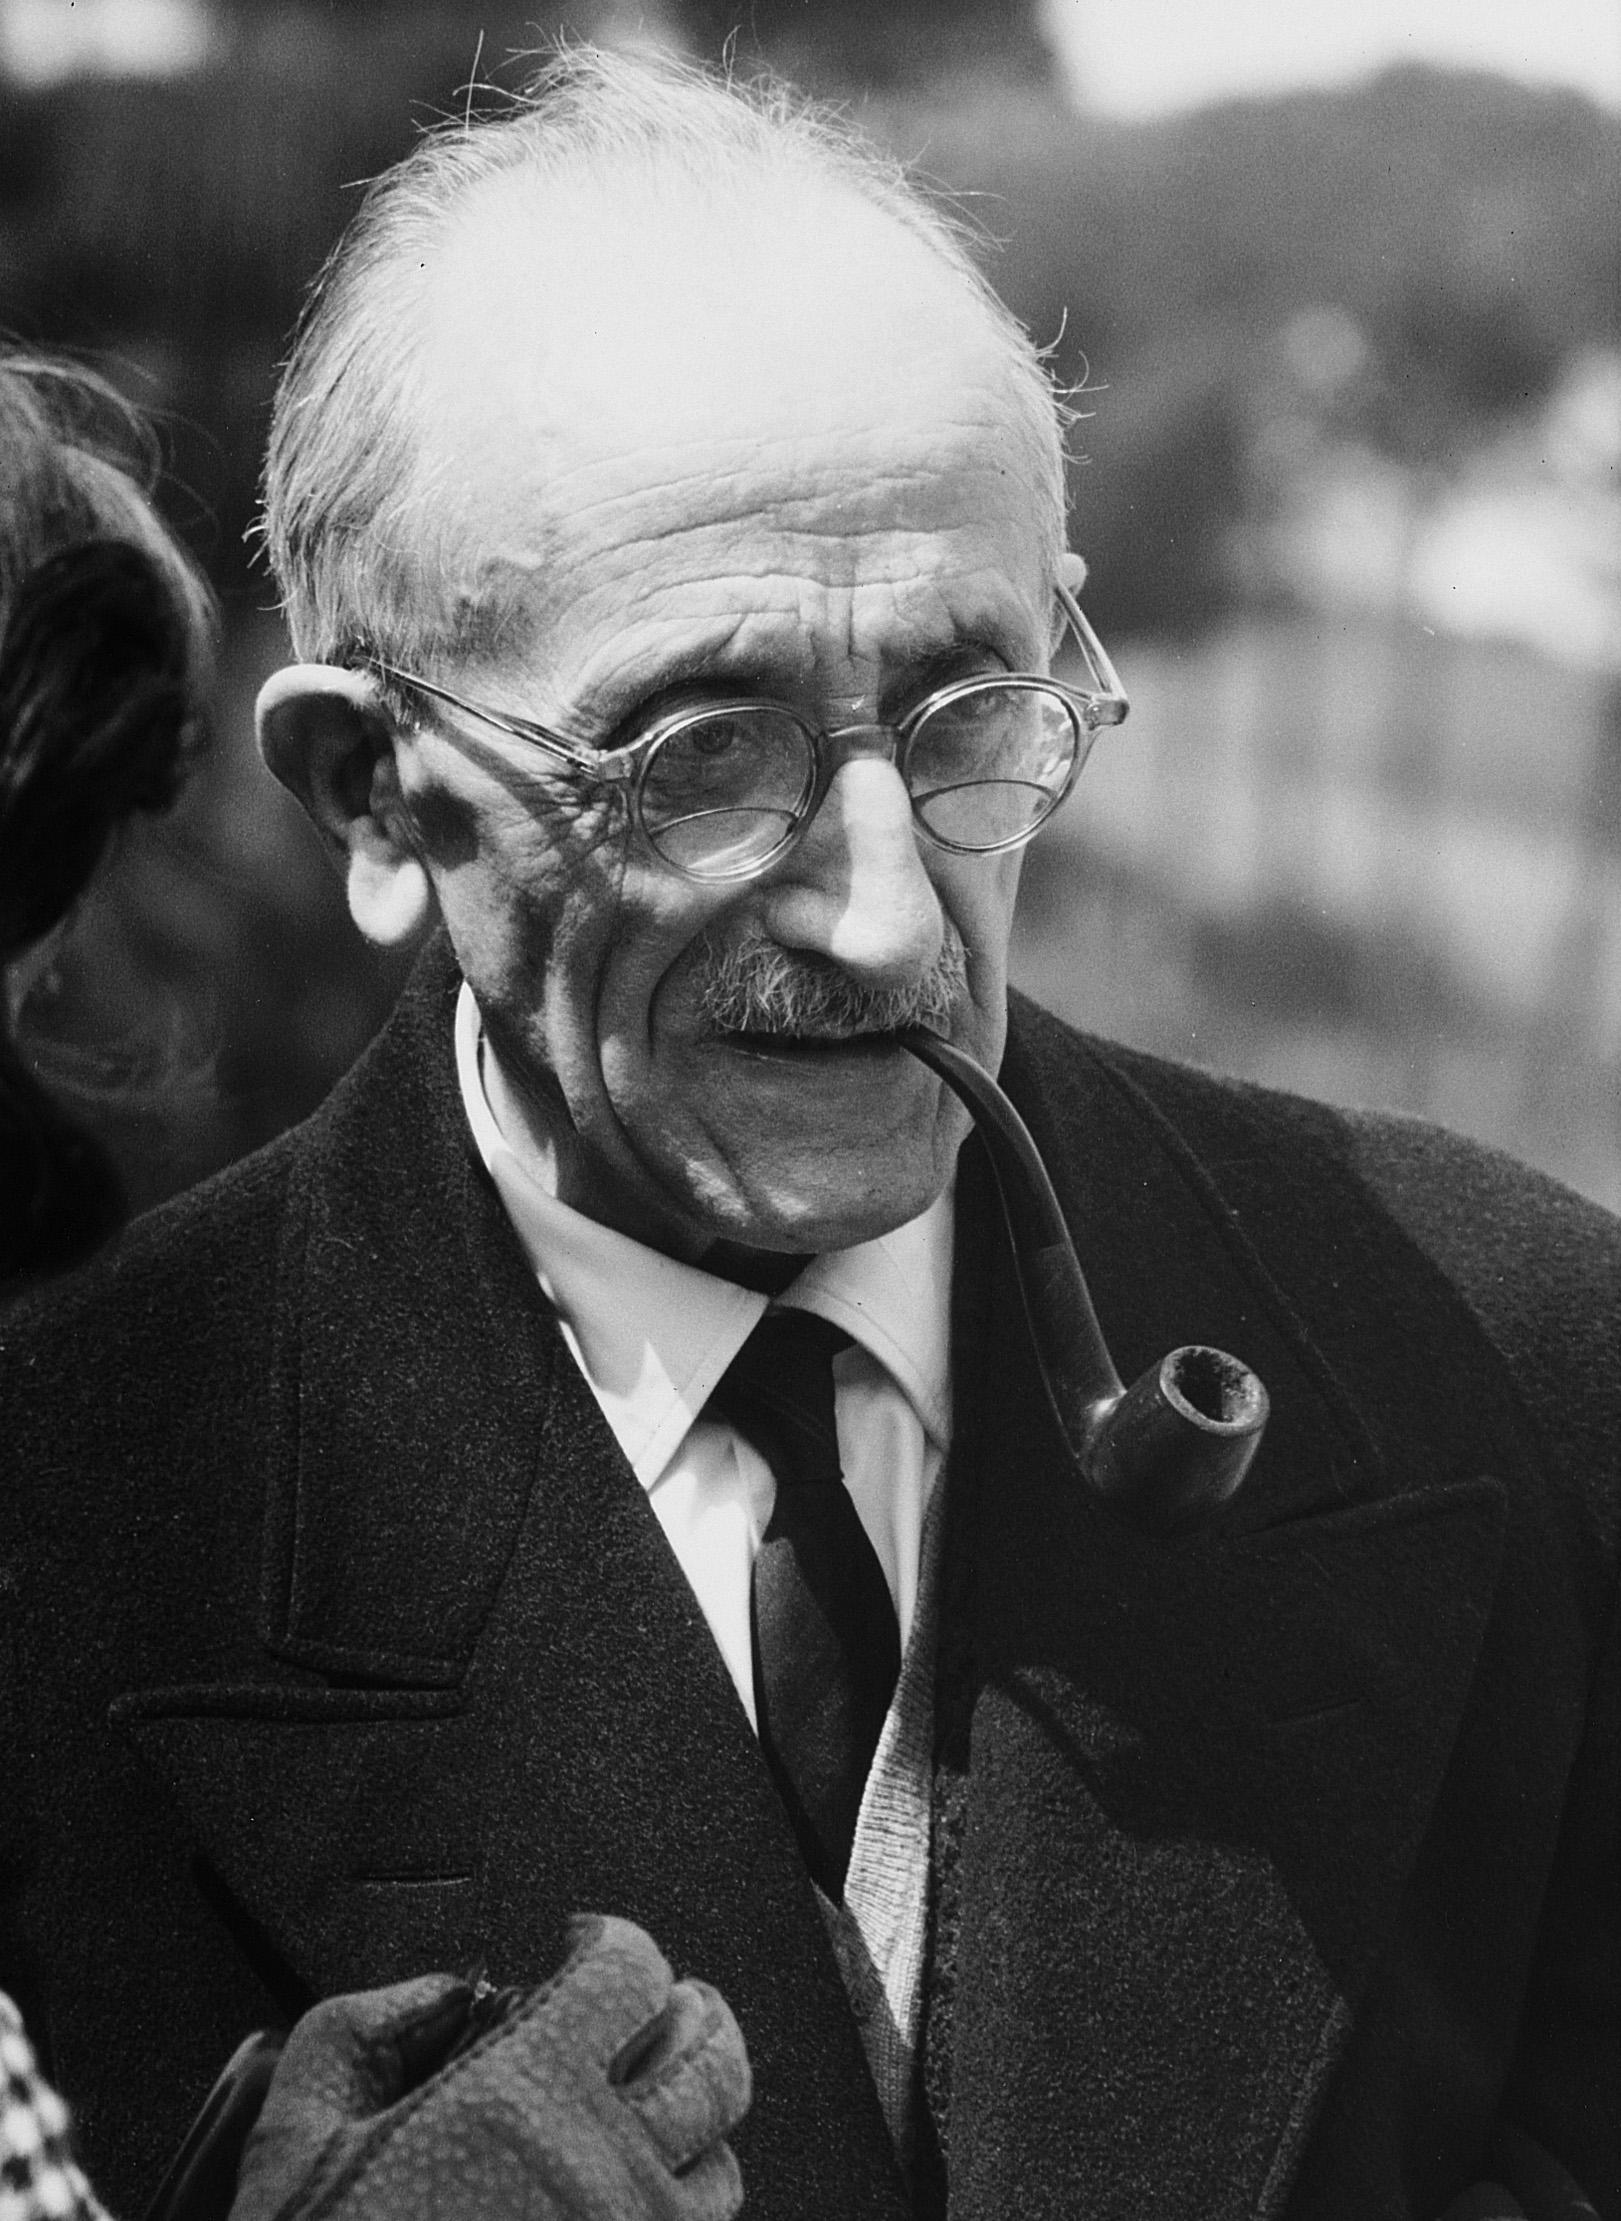 Ottorino Bertolini